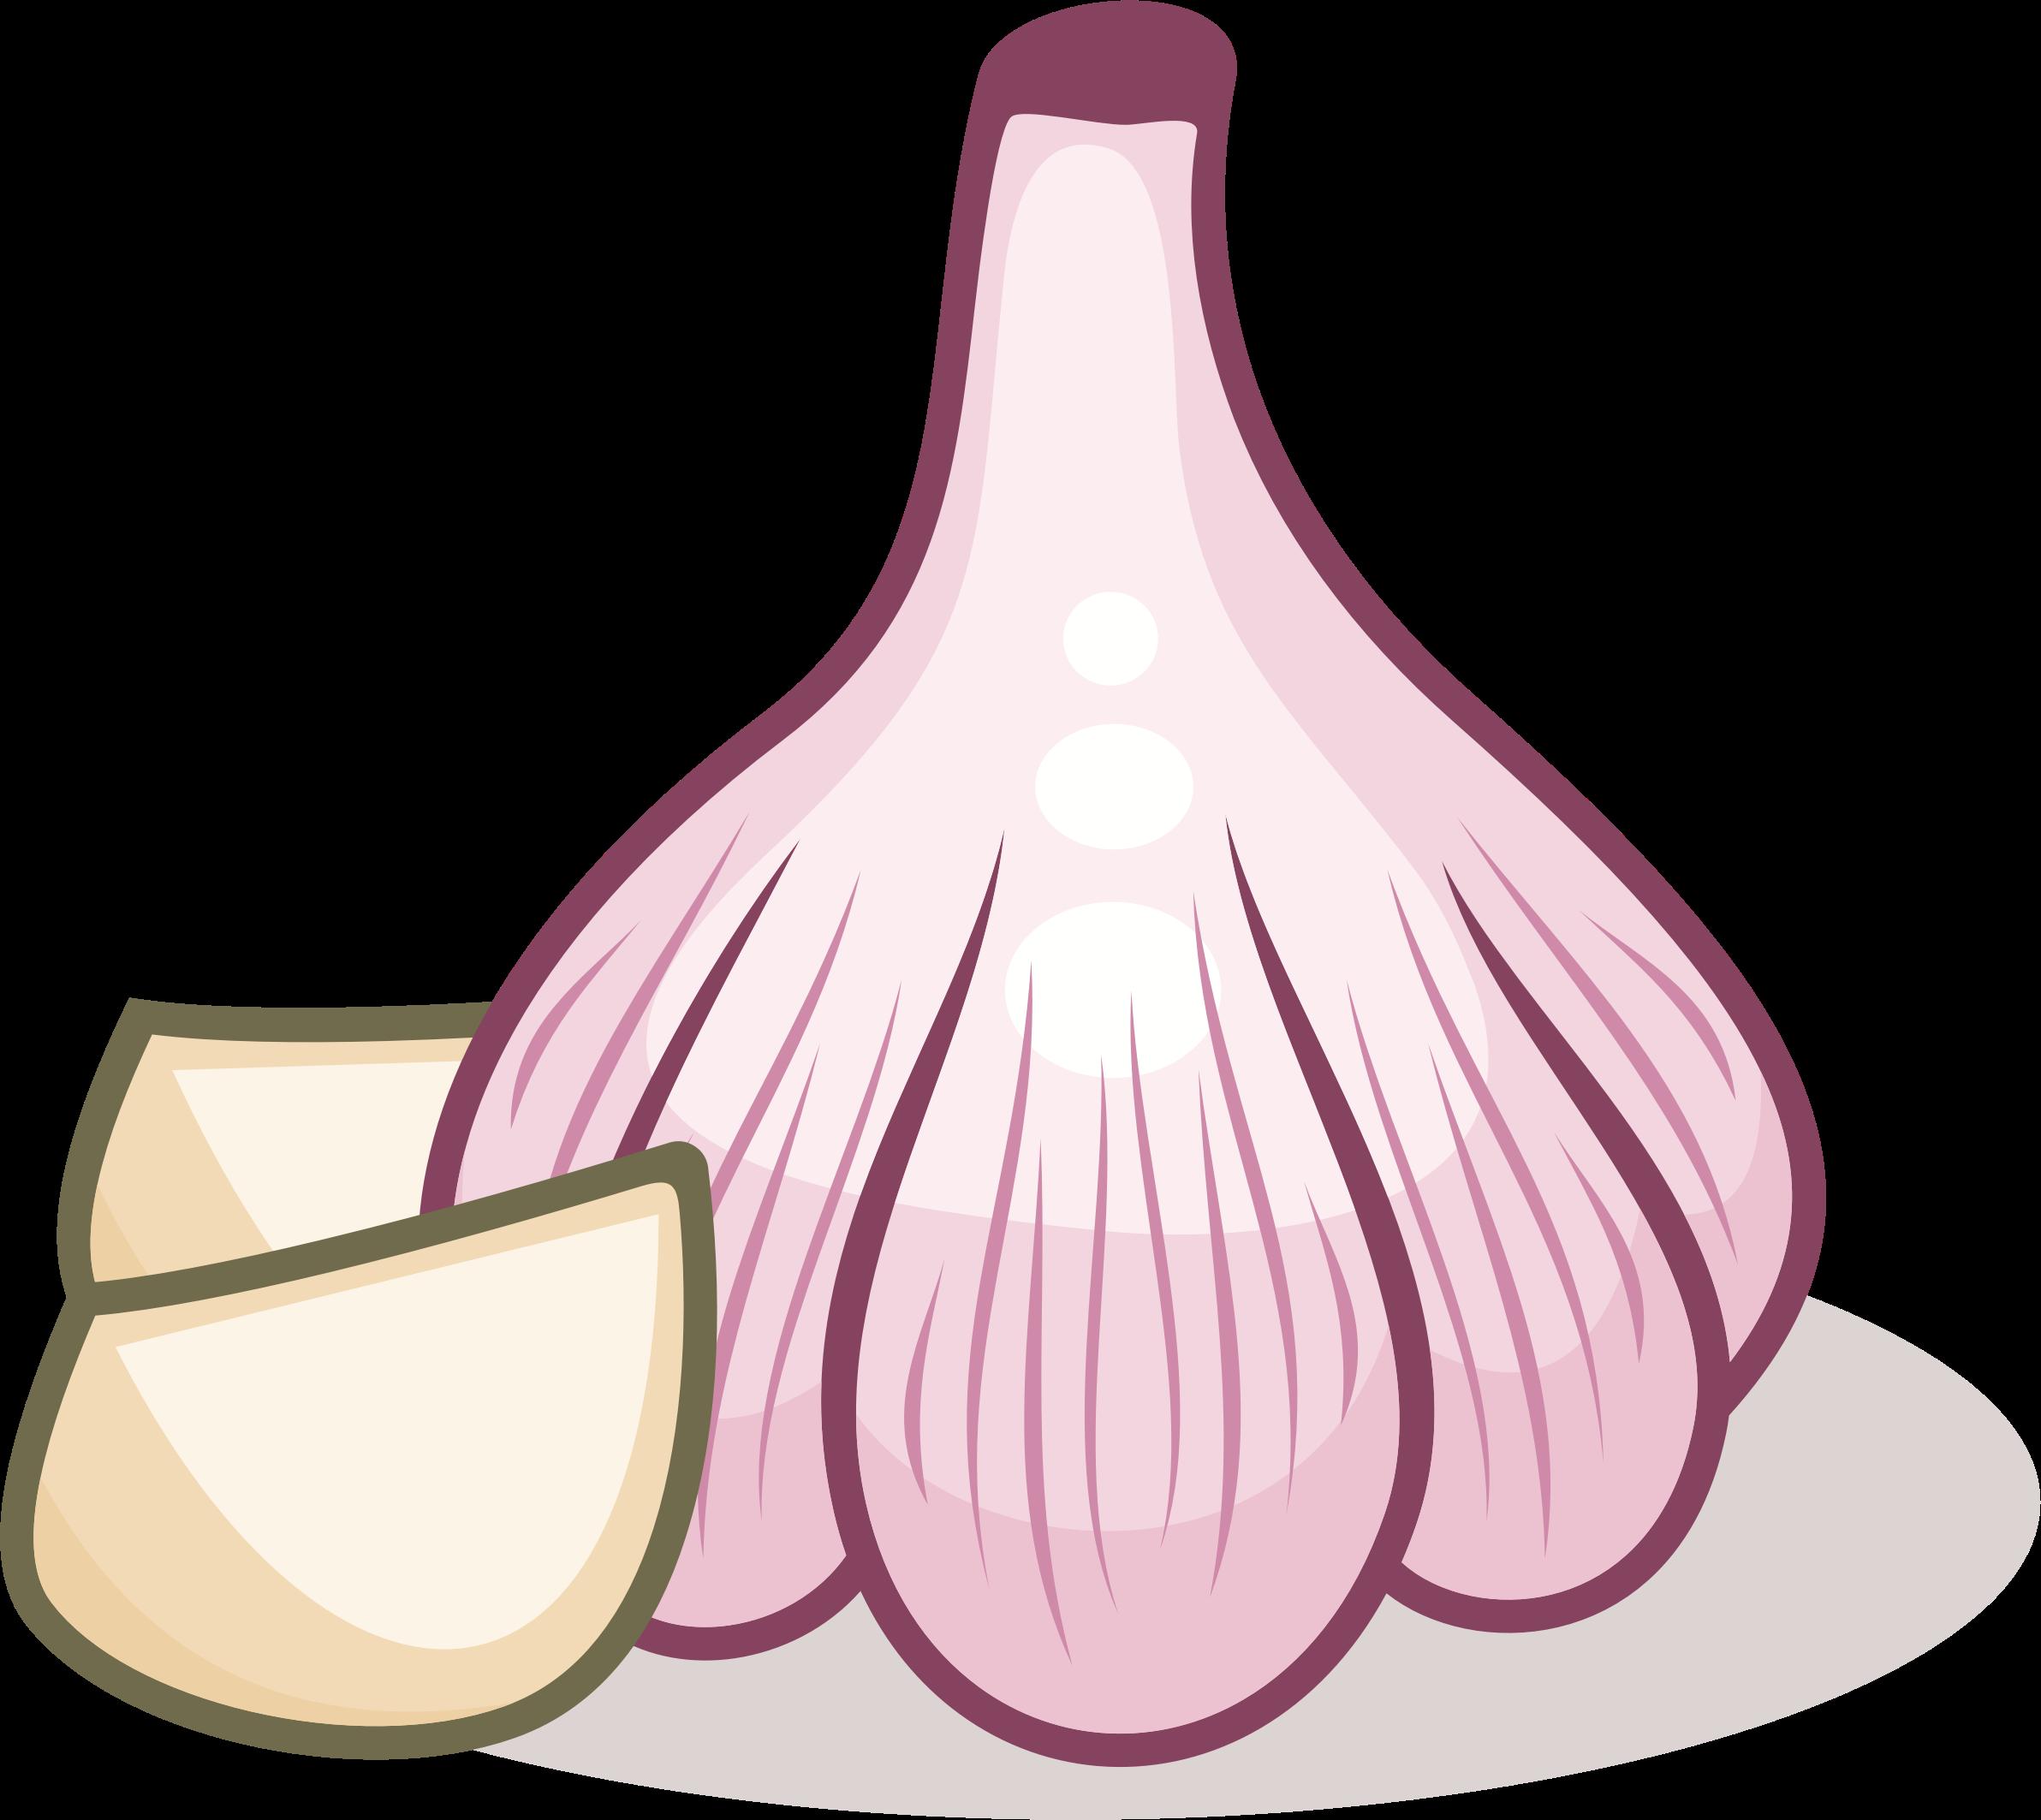 Big image png. Garlic clipart acrid